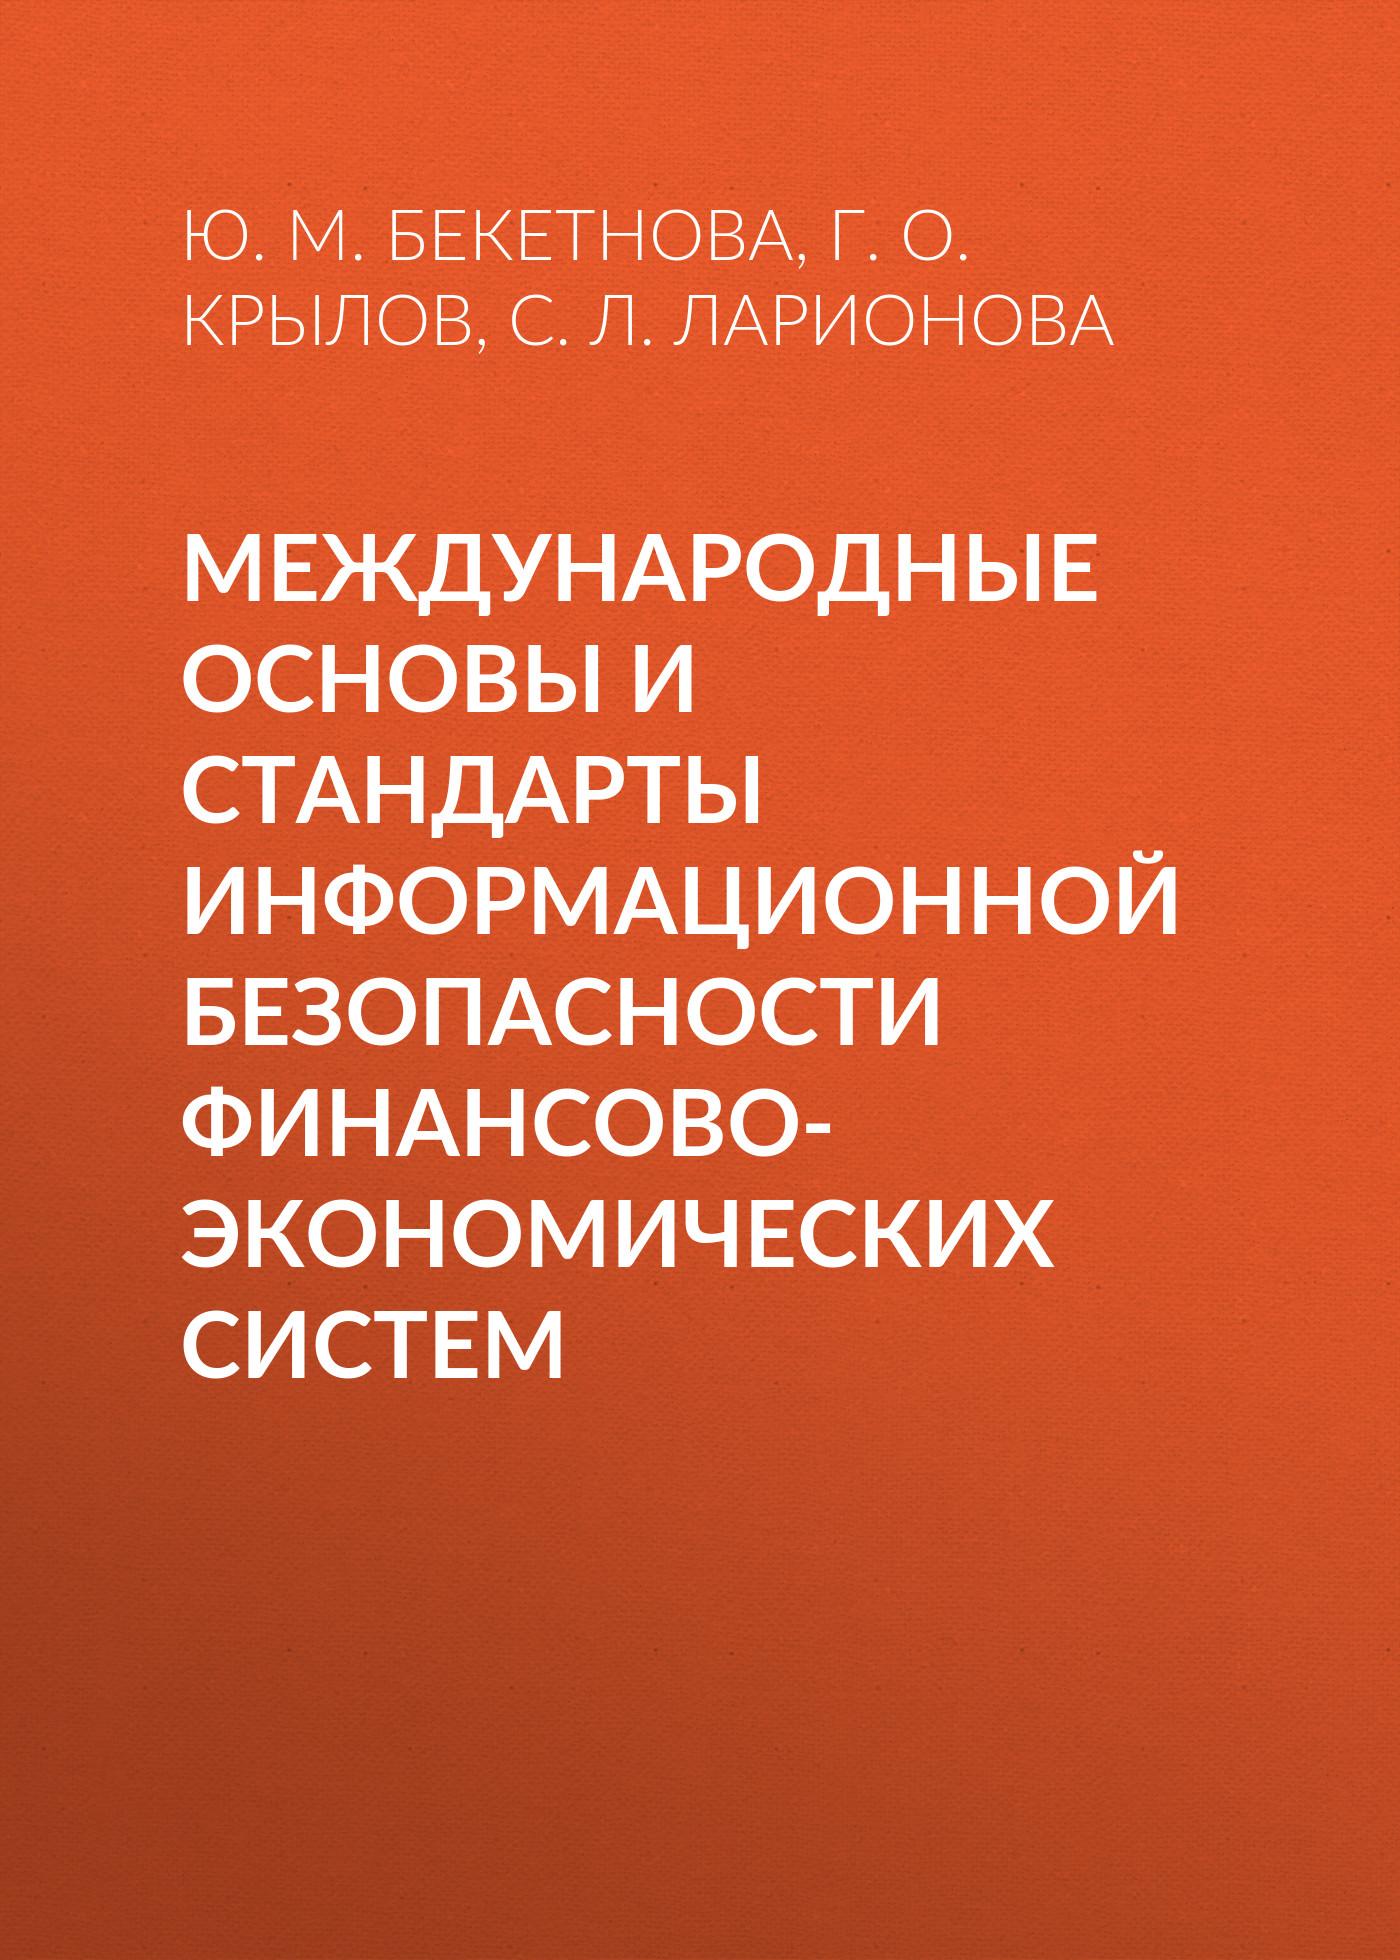 Ю. М. Бекетнова Международные основы и стандарты информационной безопасности финансово-экономических систем